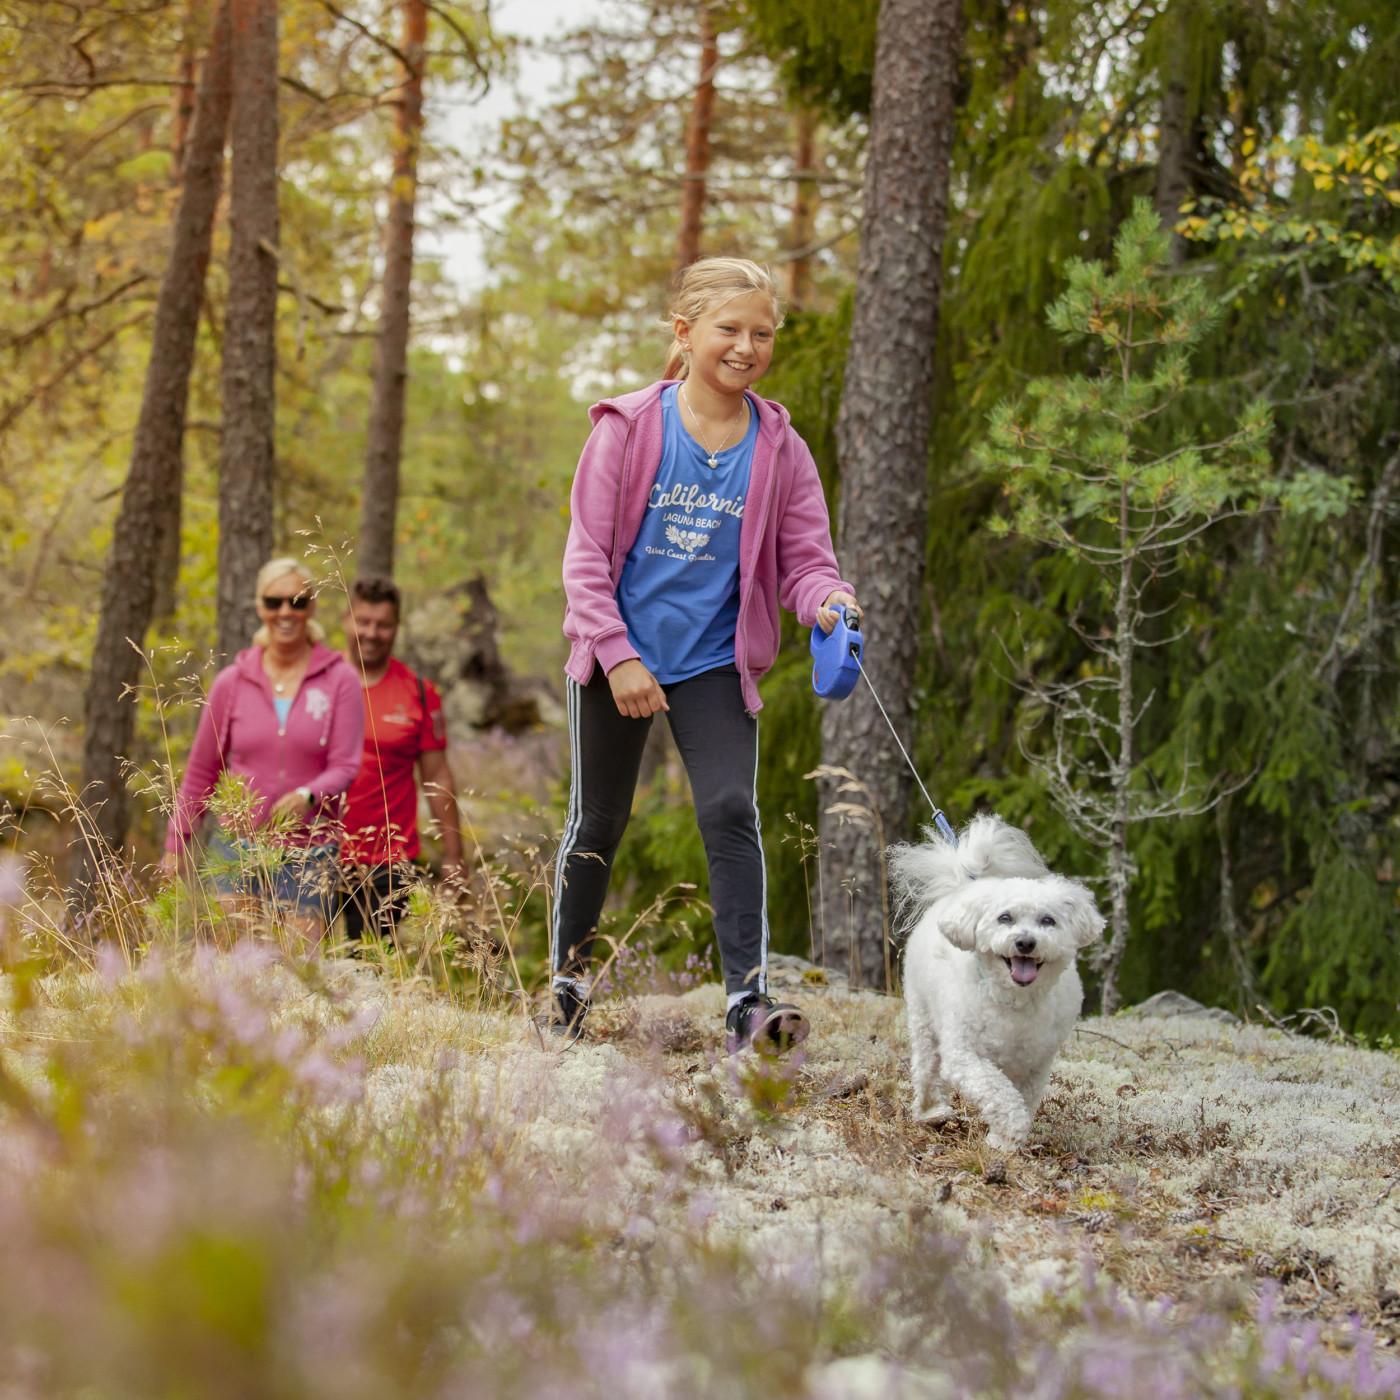 Tyttö taluttaa koiraa metsäpolulla.